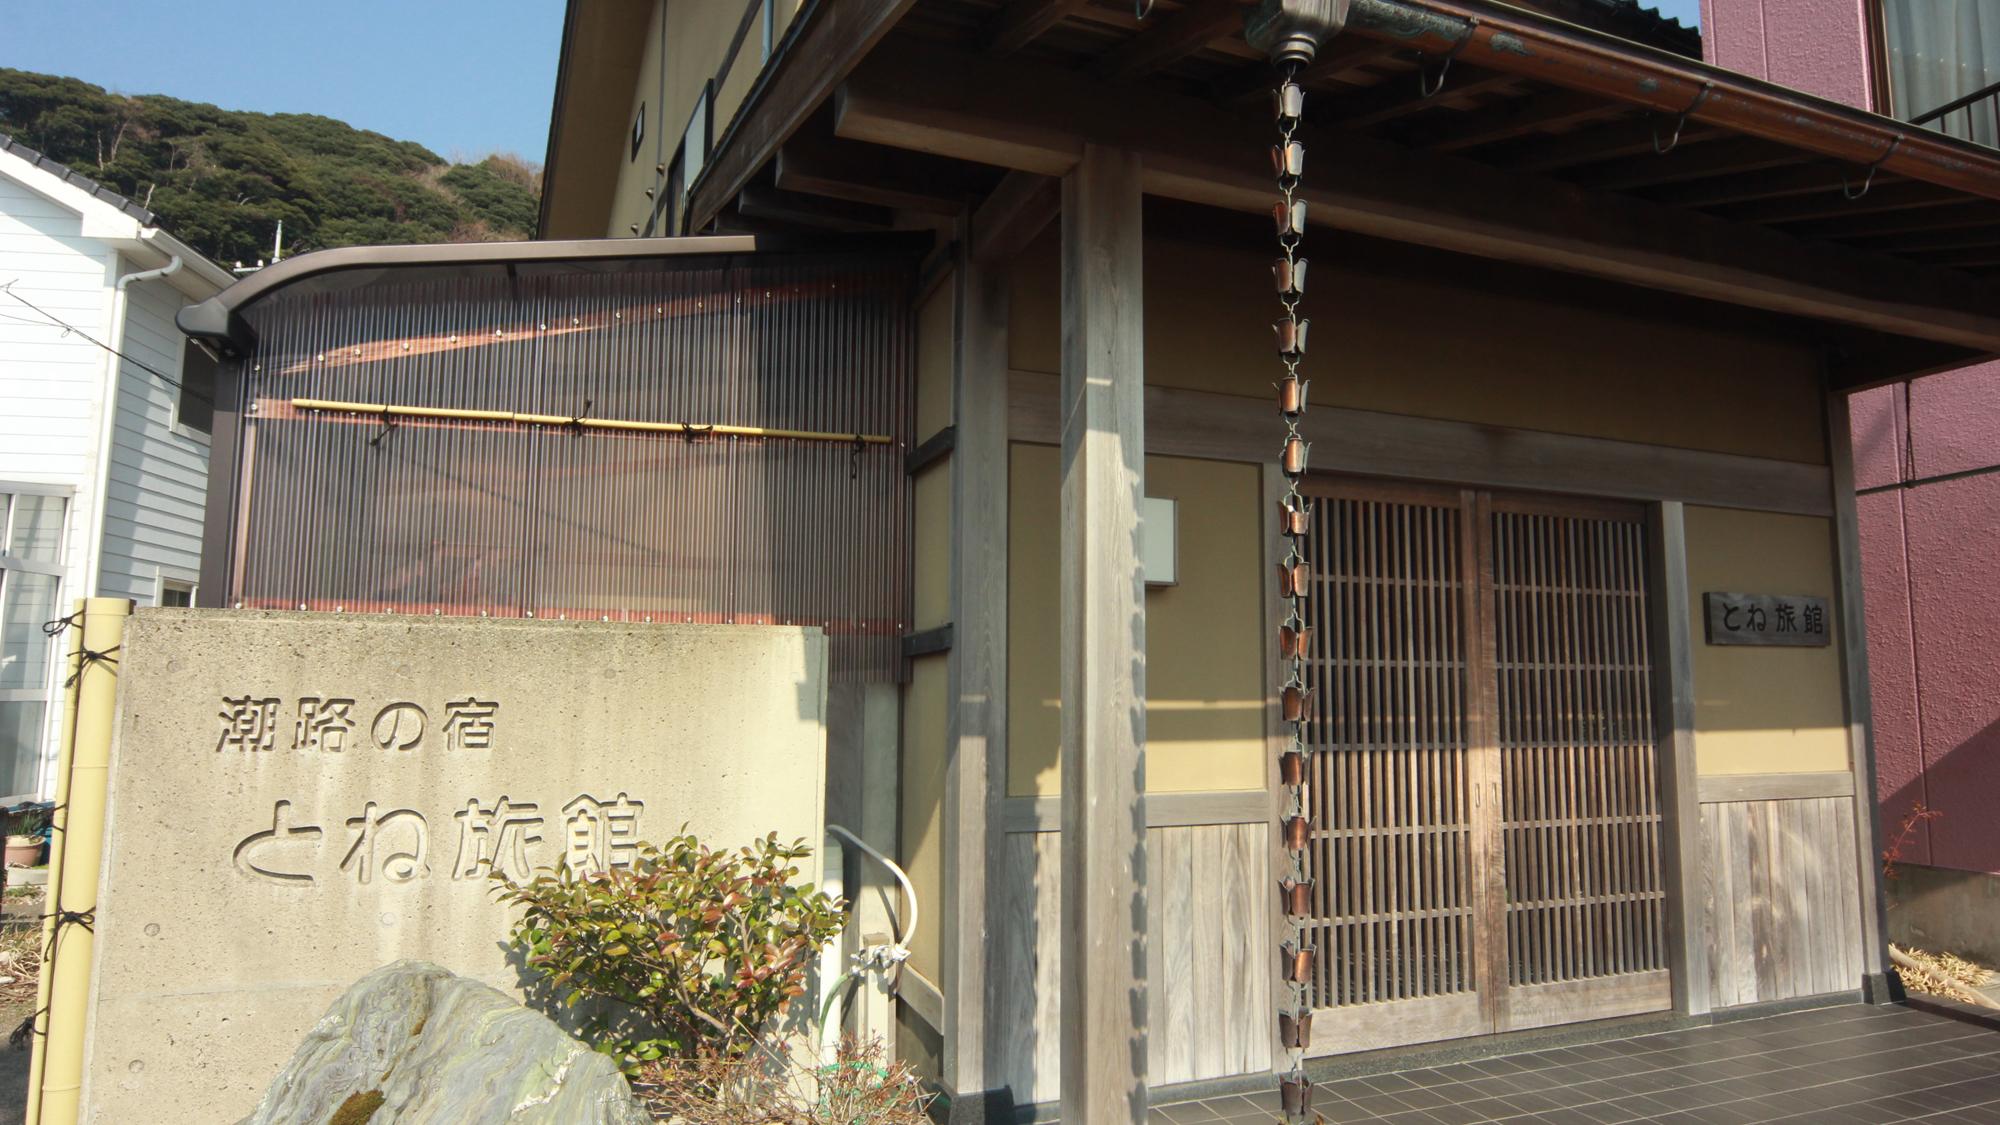 若狭小川 潮路の宿 とね旅館 image